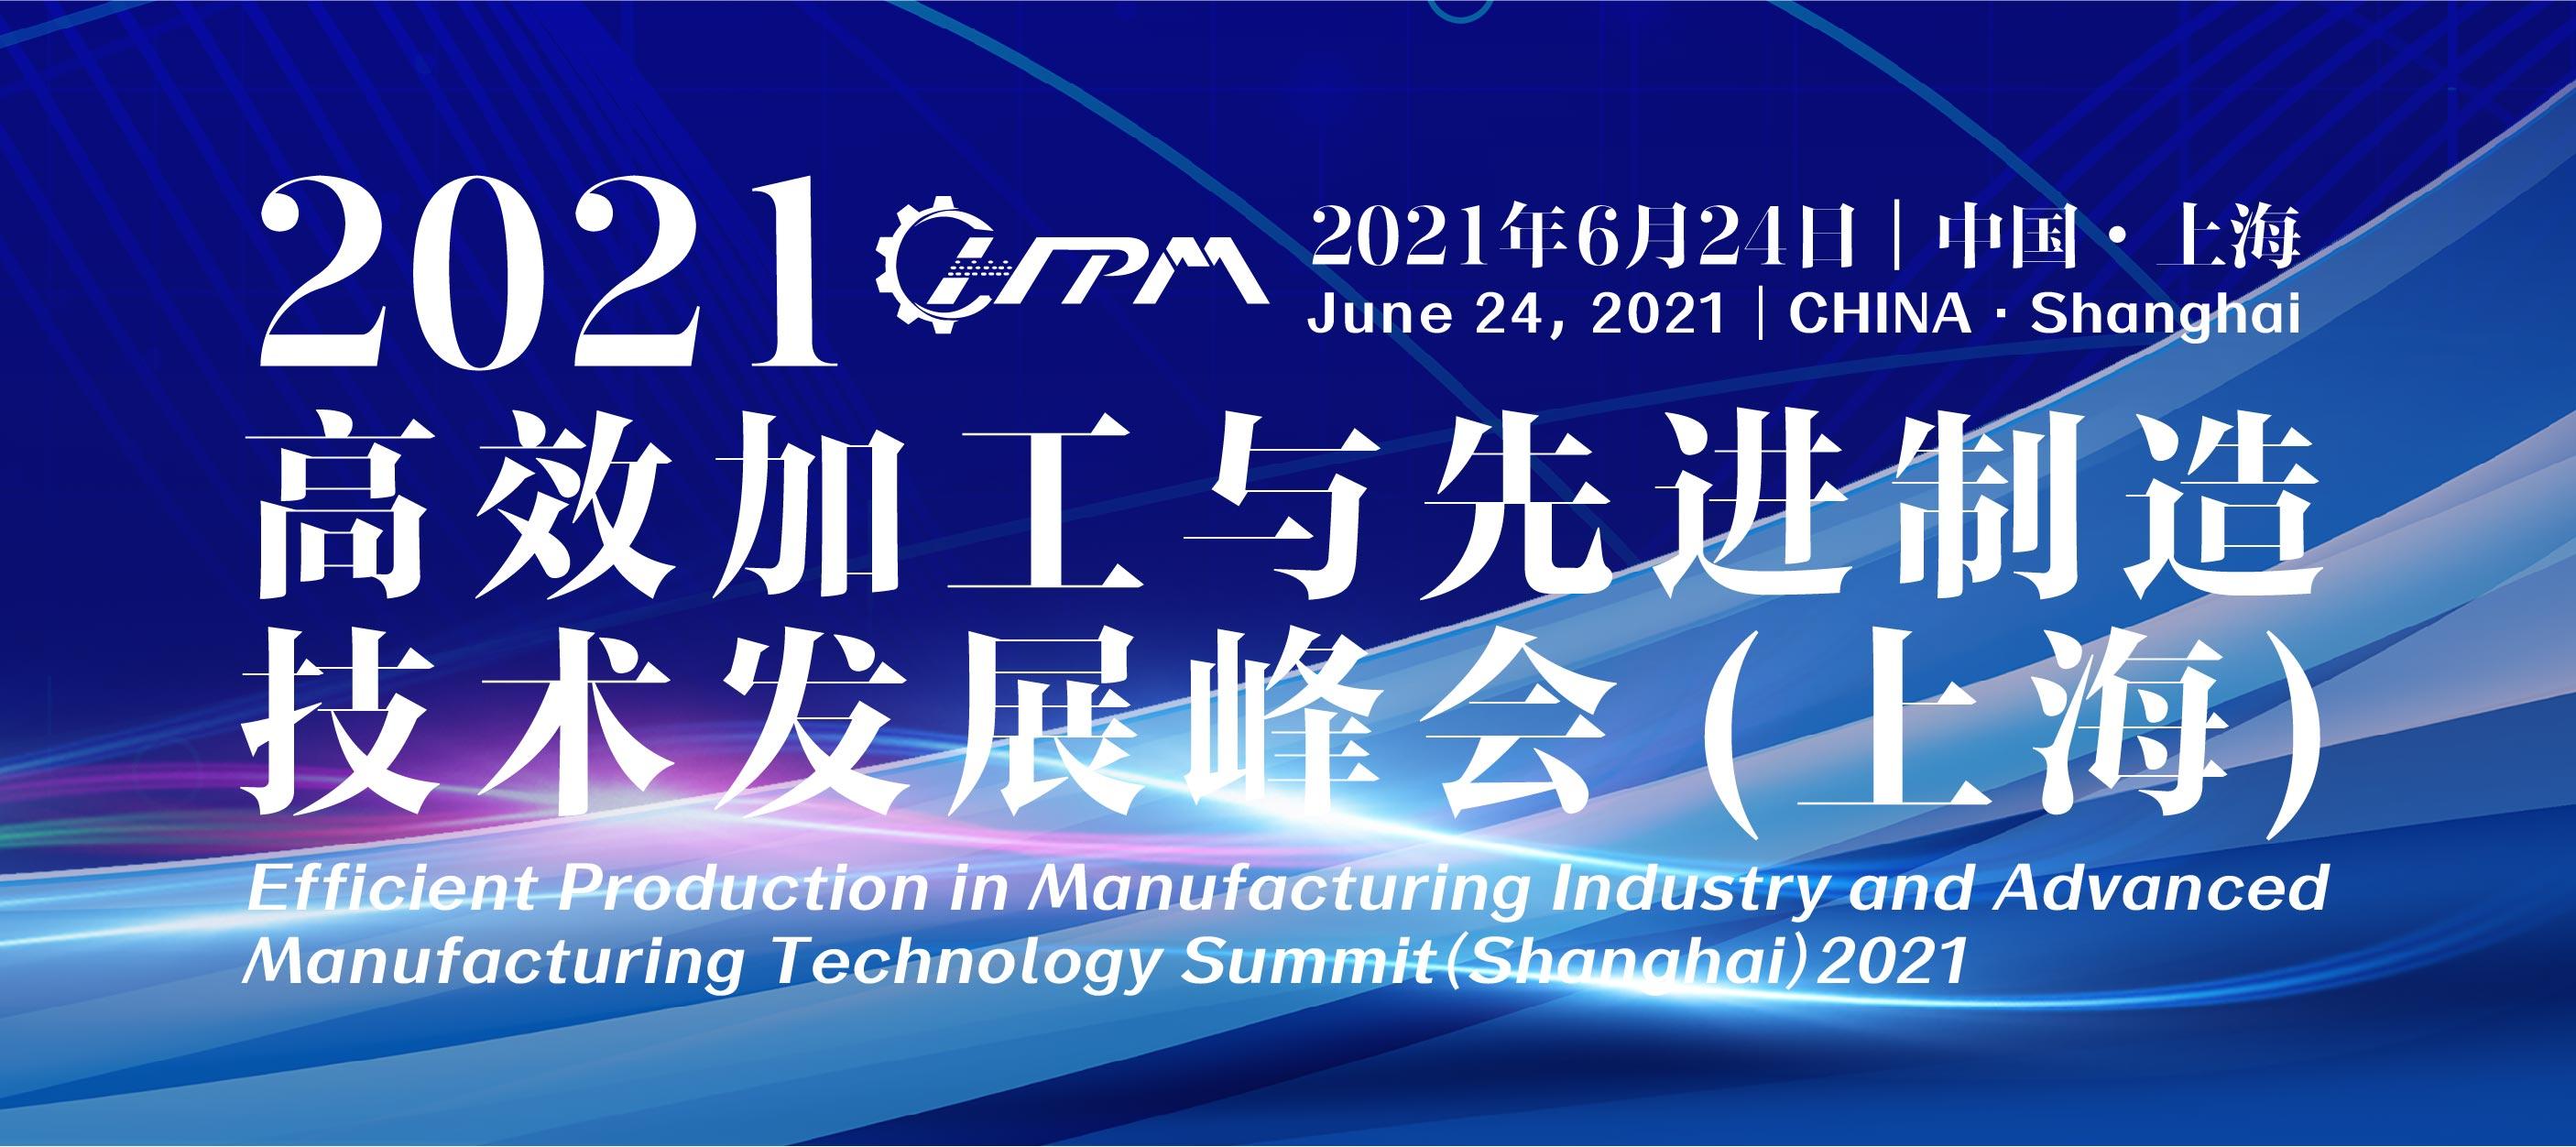 2021高效加工与先进制造技术发展峰会